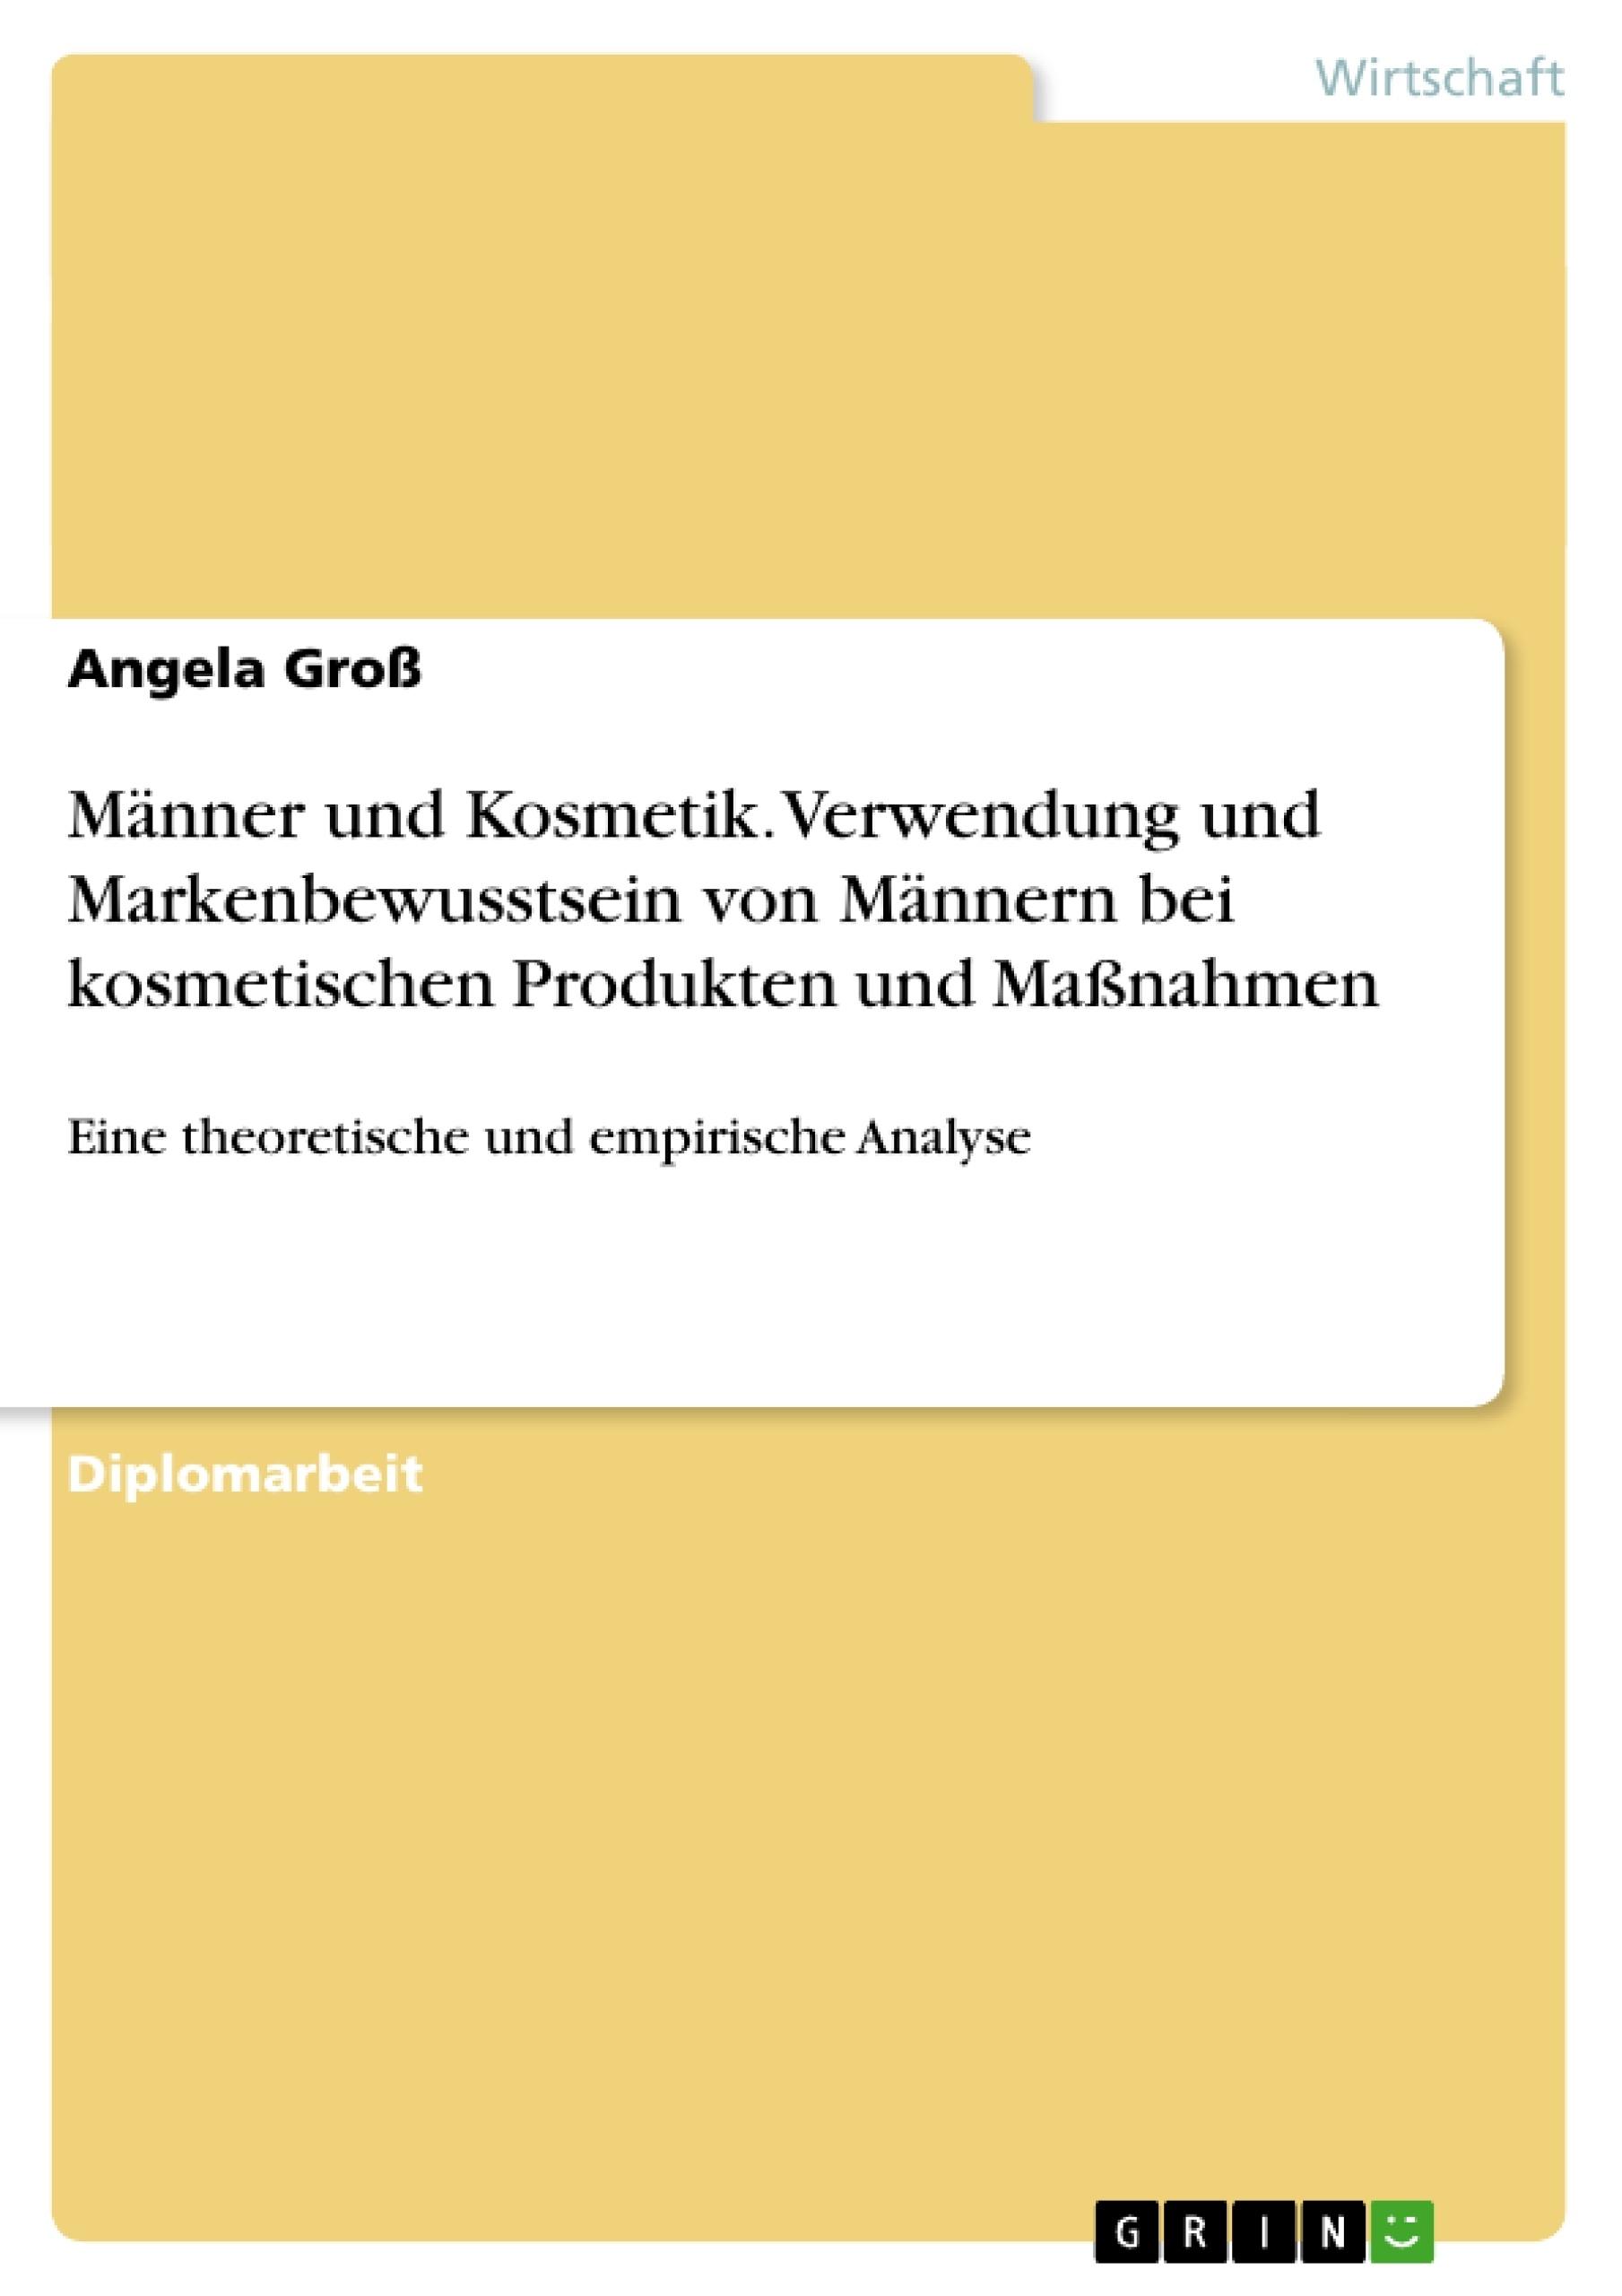 Titel: Männer und Kosmetik. Verwendung und Markenbewusstsein von Männern bei kosmetischen Produkten und Maßnahmen